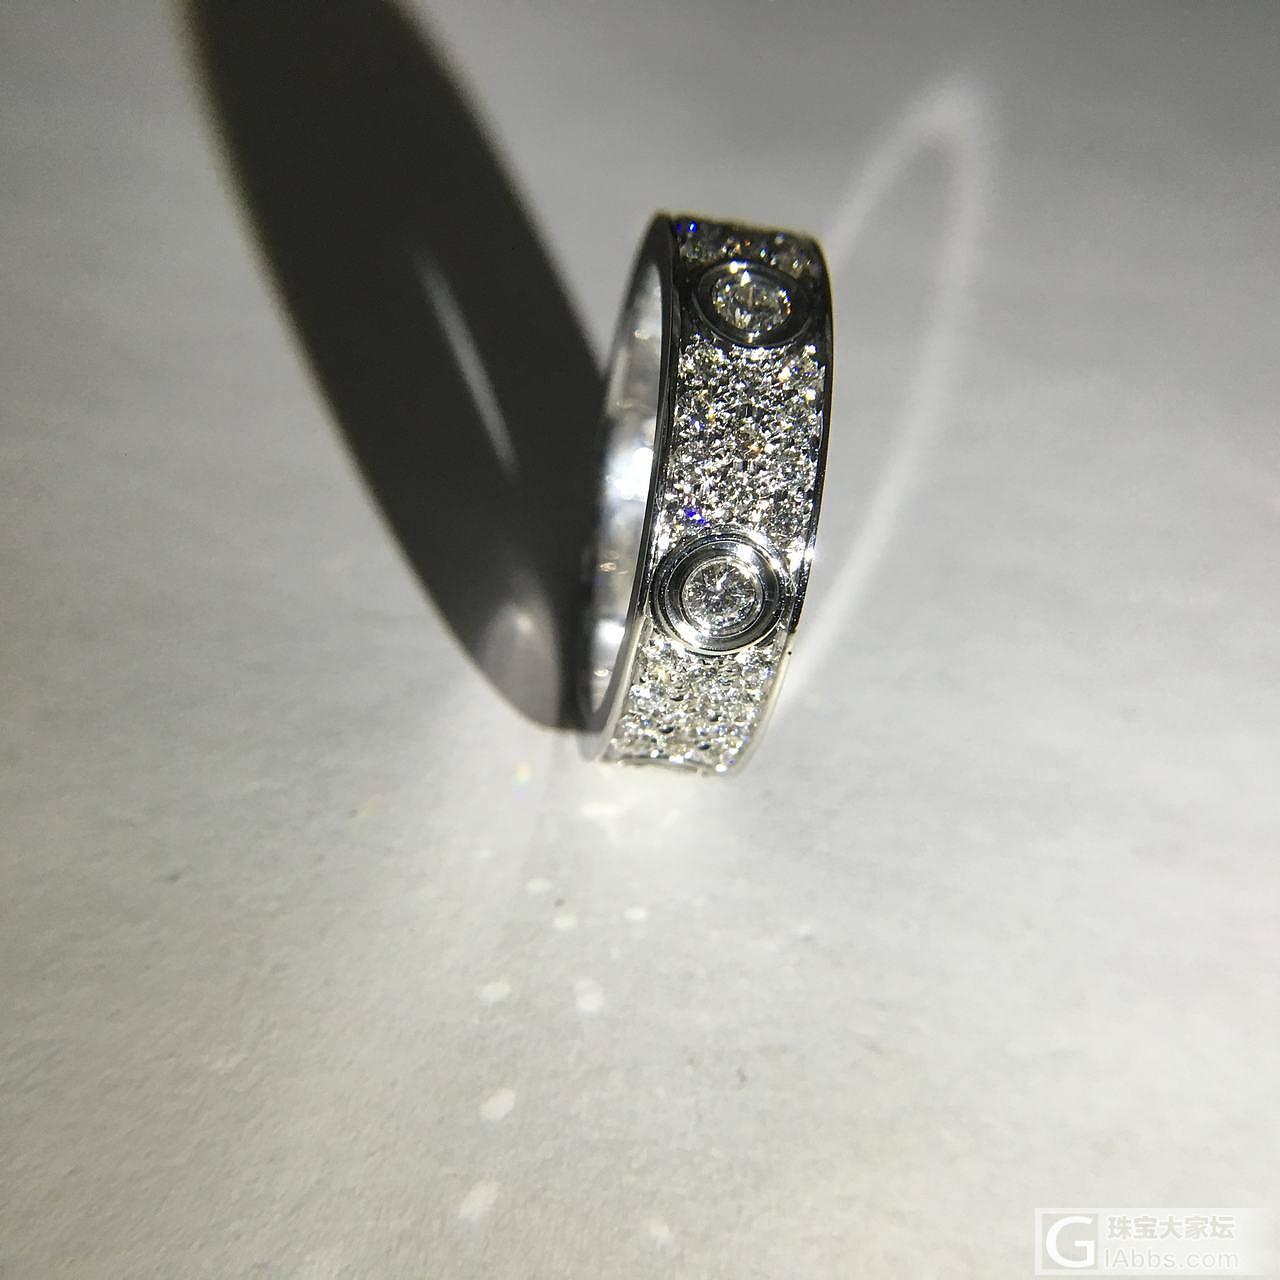 用戒指做微信头像图片